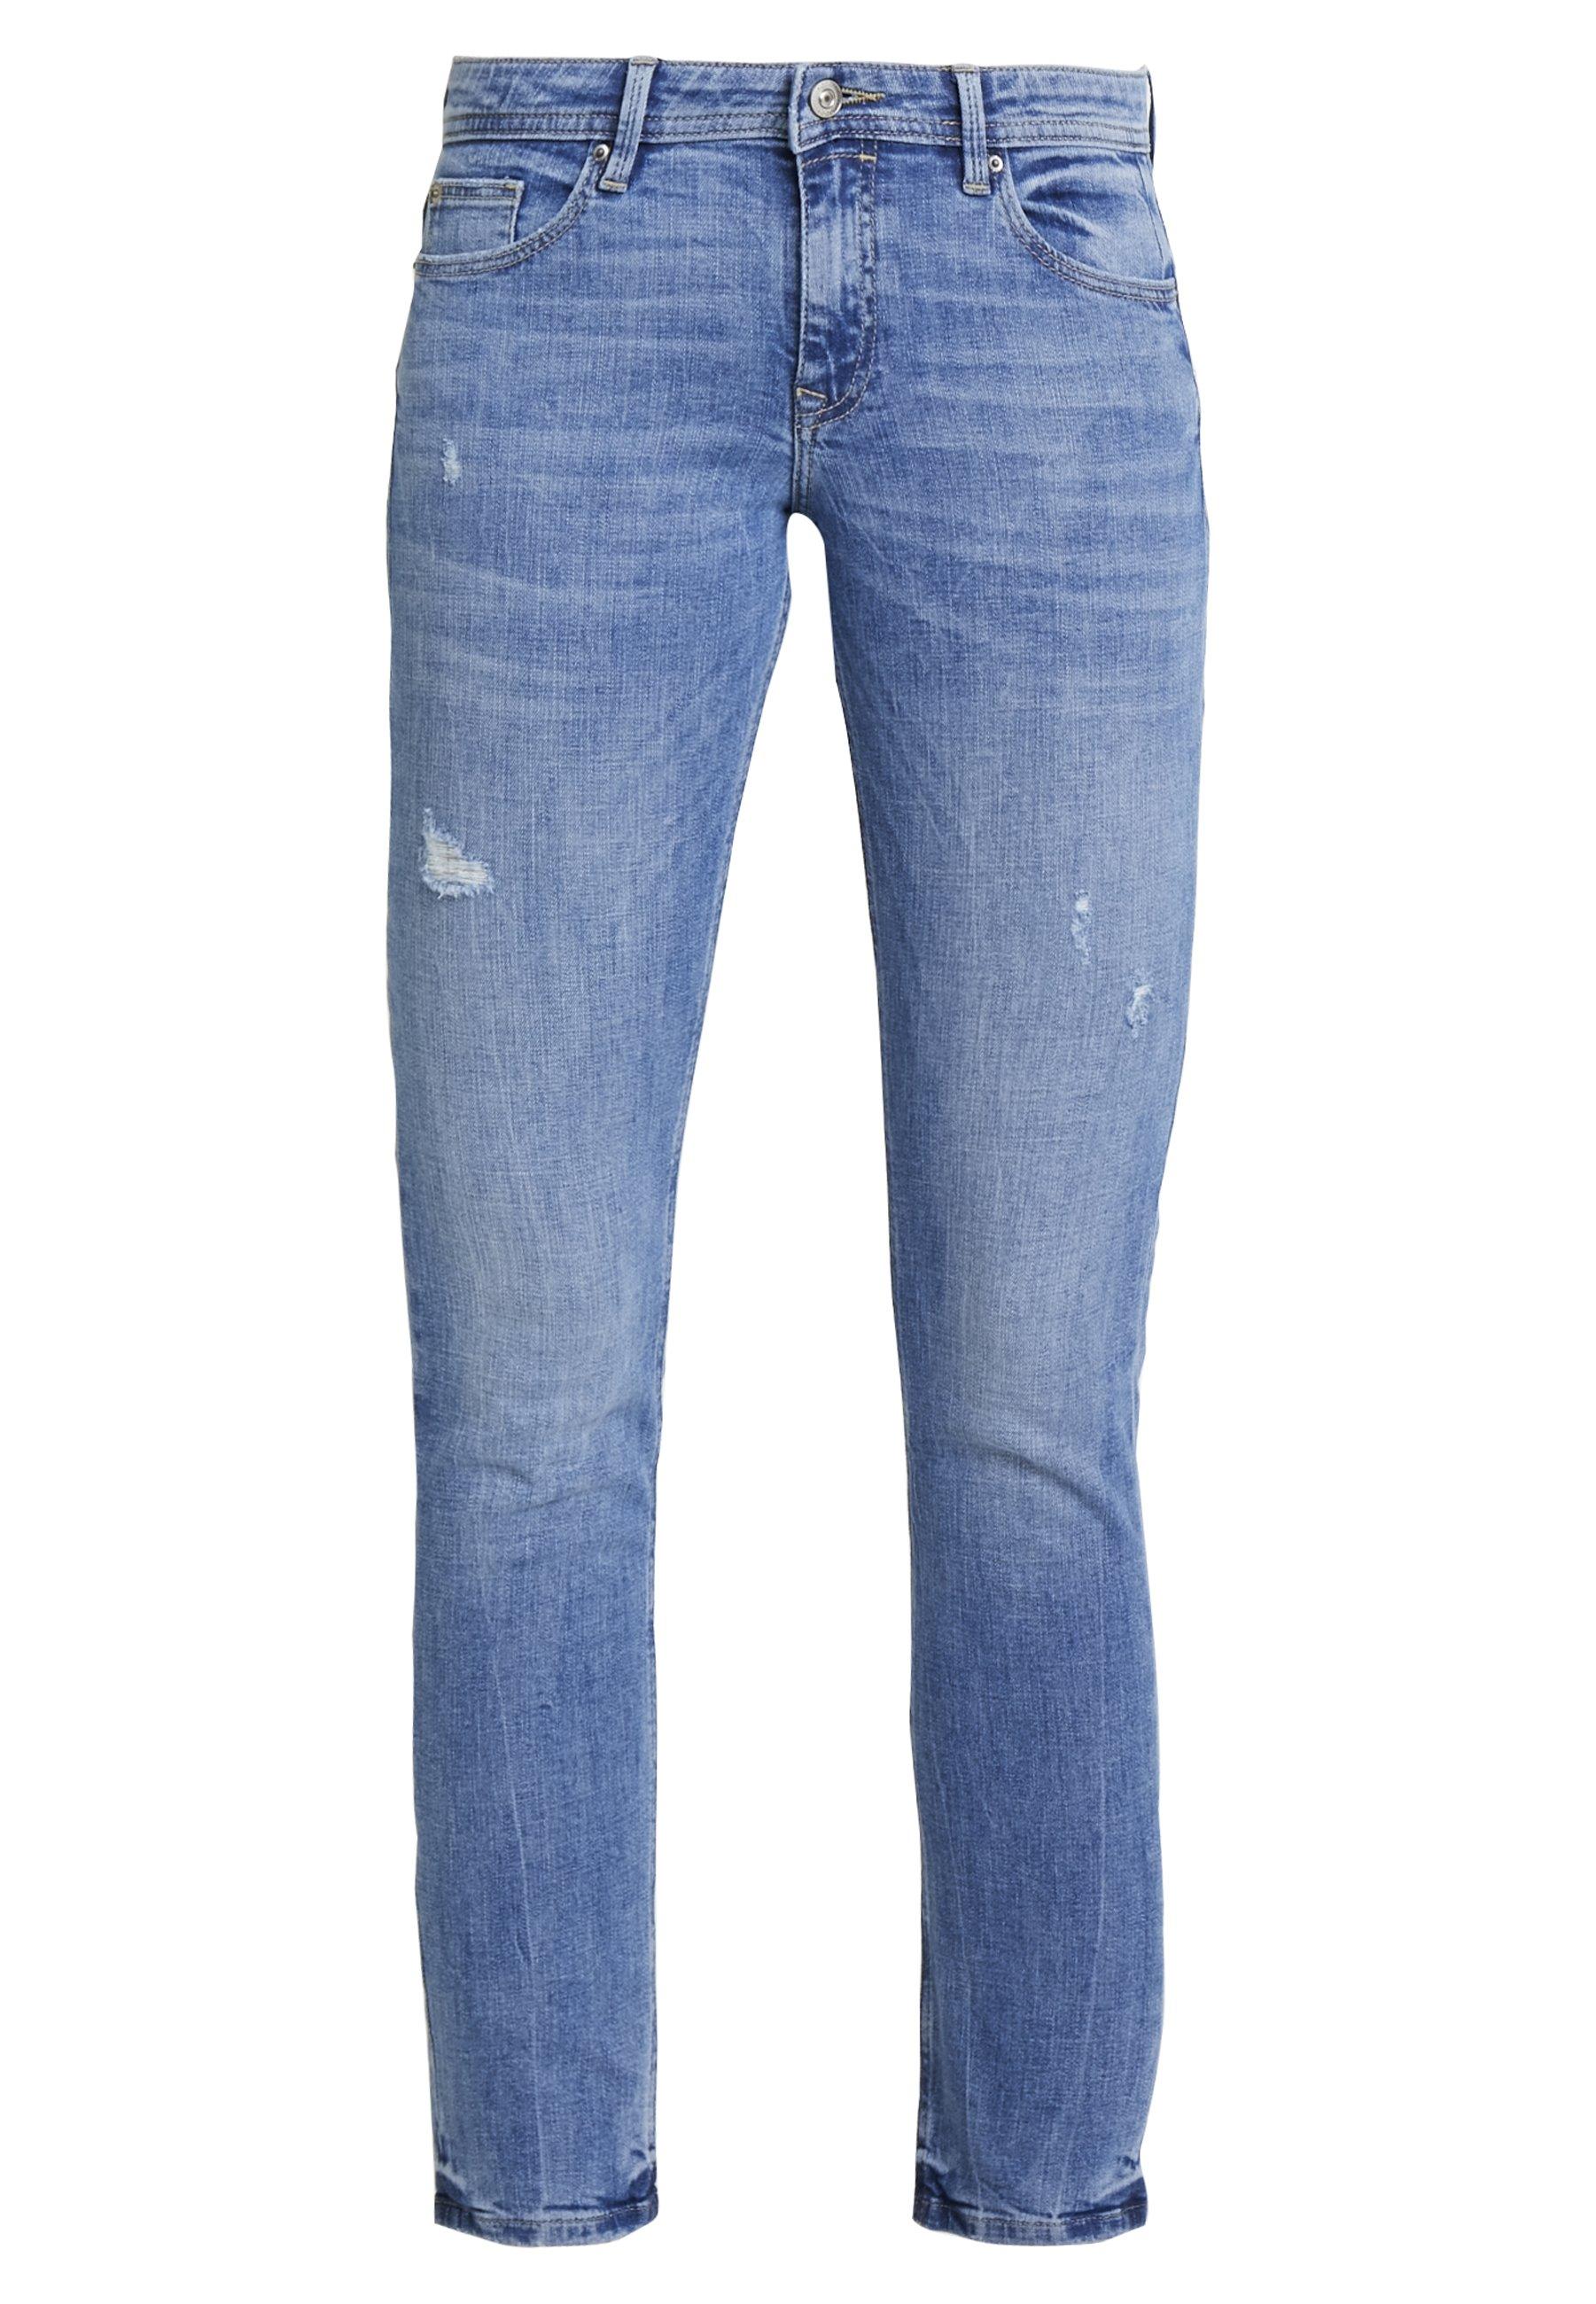 Edc By Esprit Slim Fit Jeans - Blue